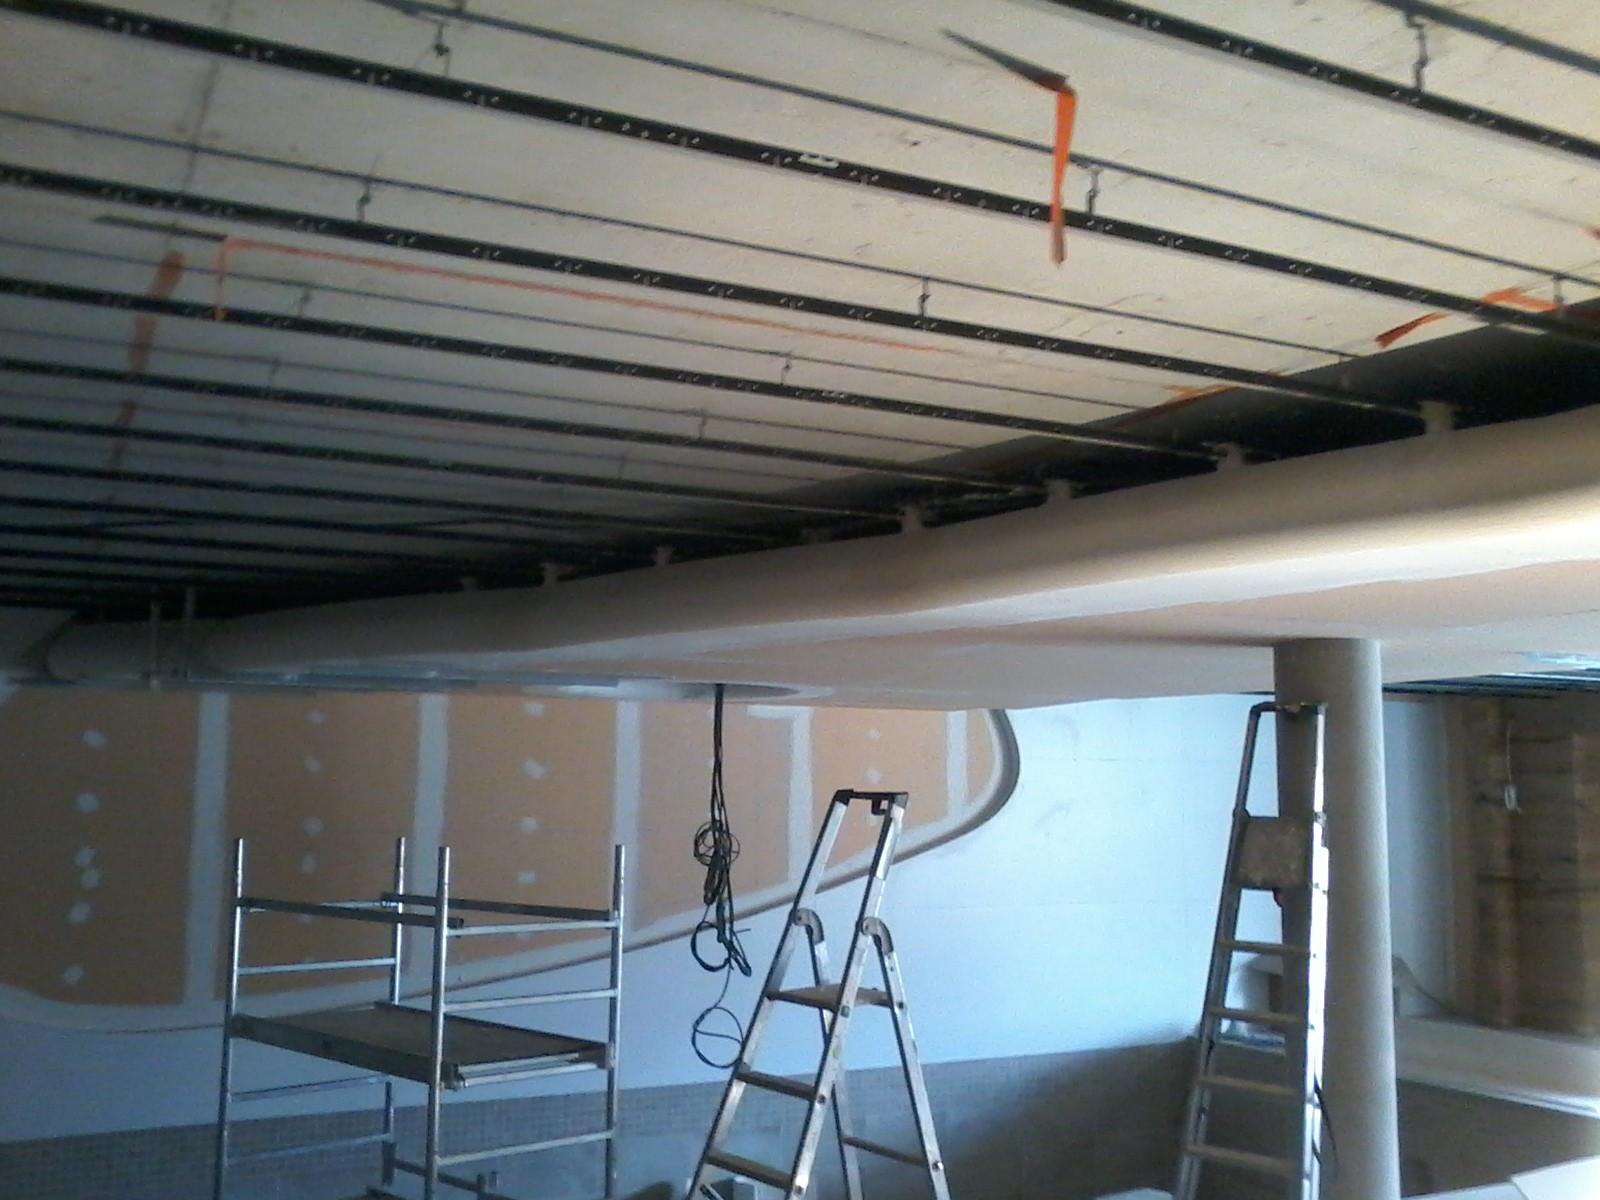 plafond bois décoratif en cours